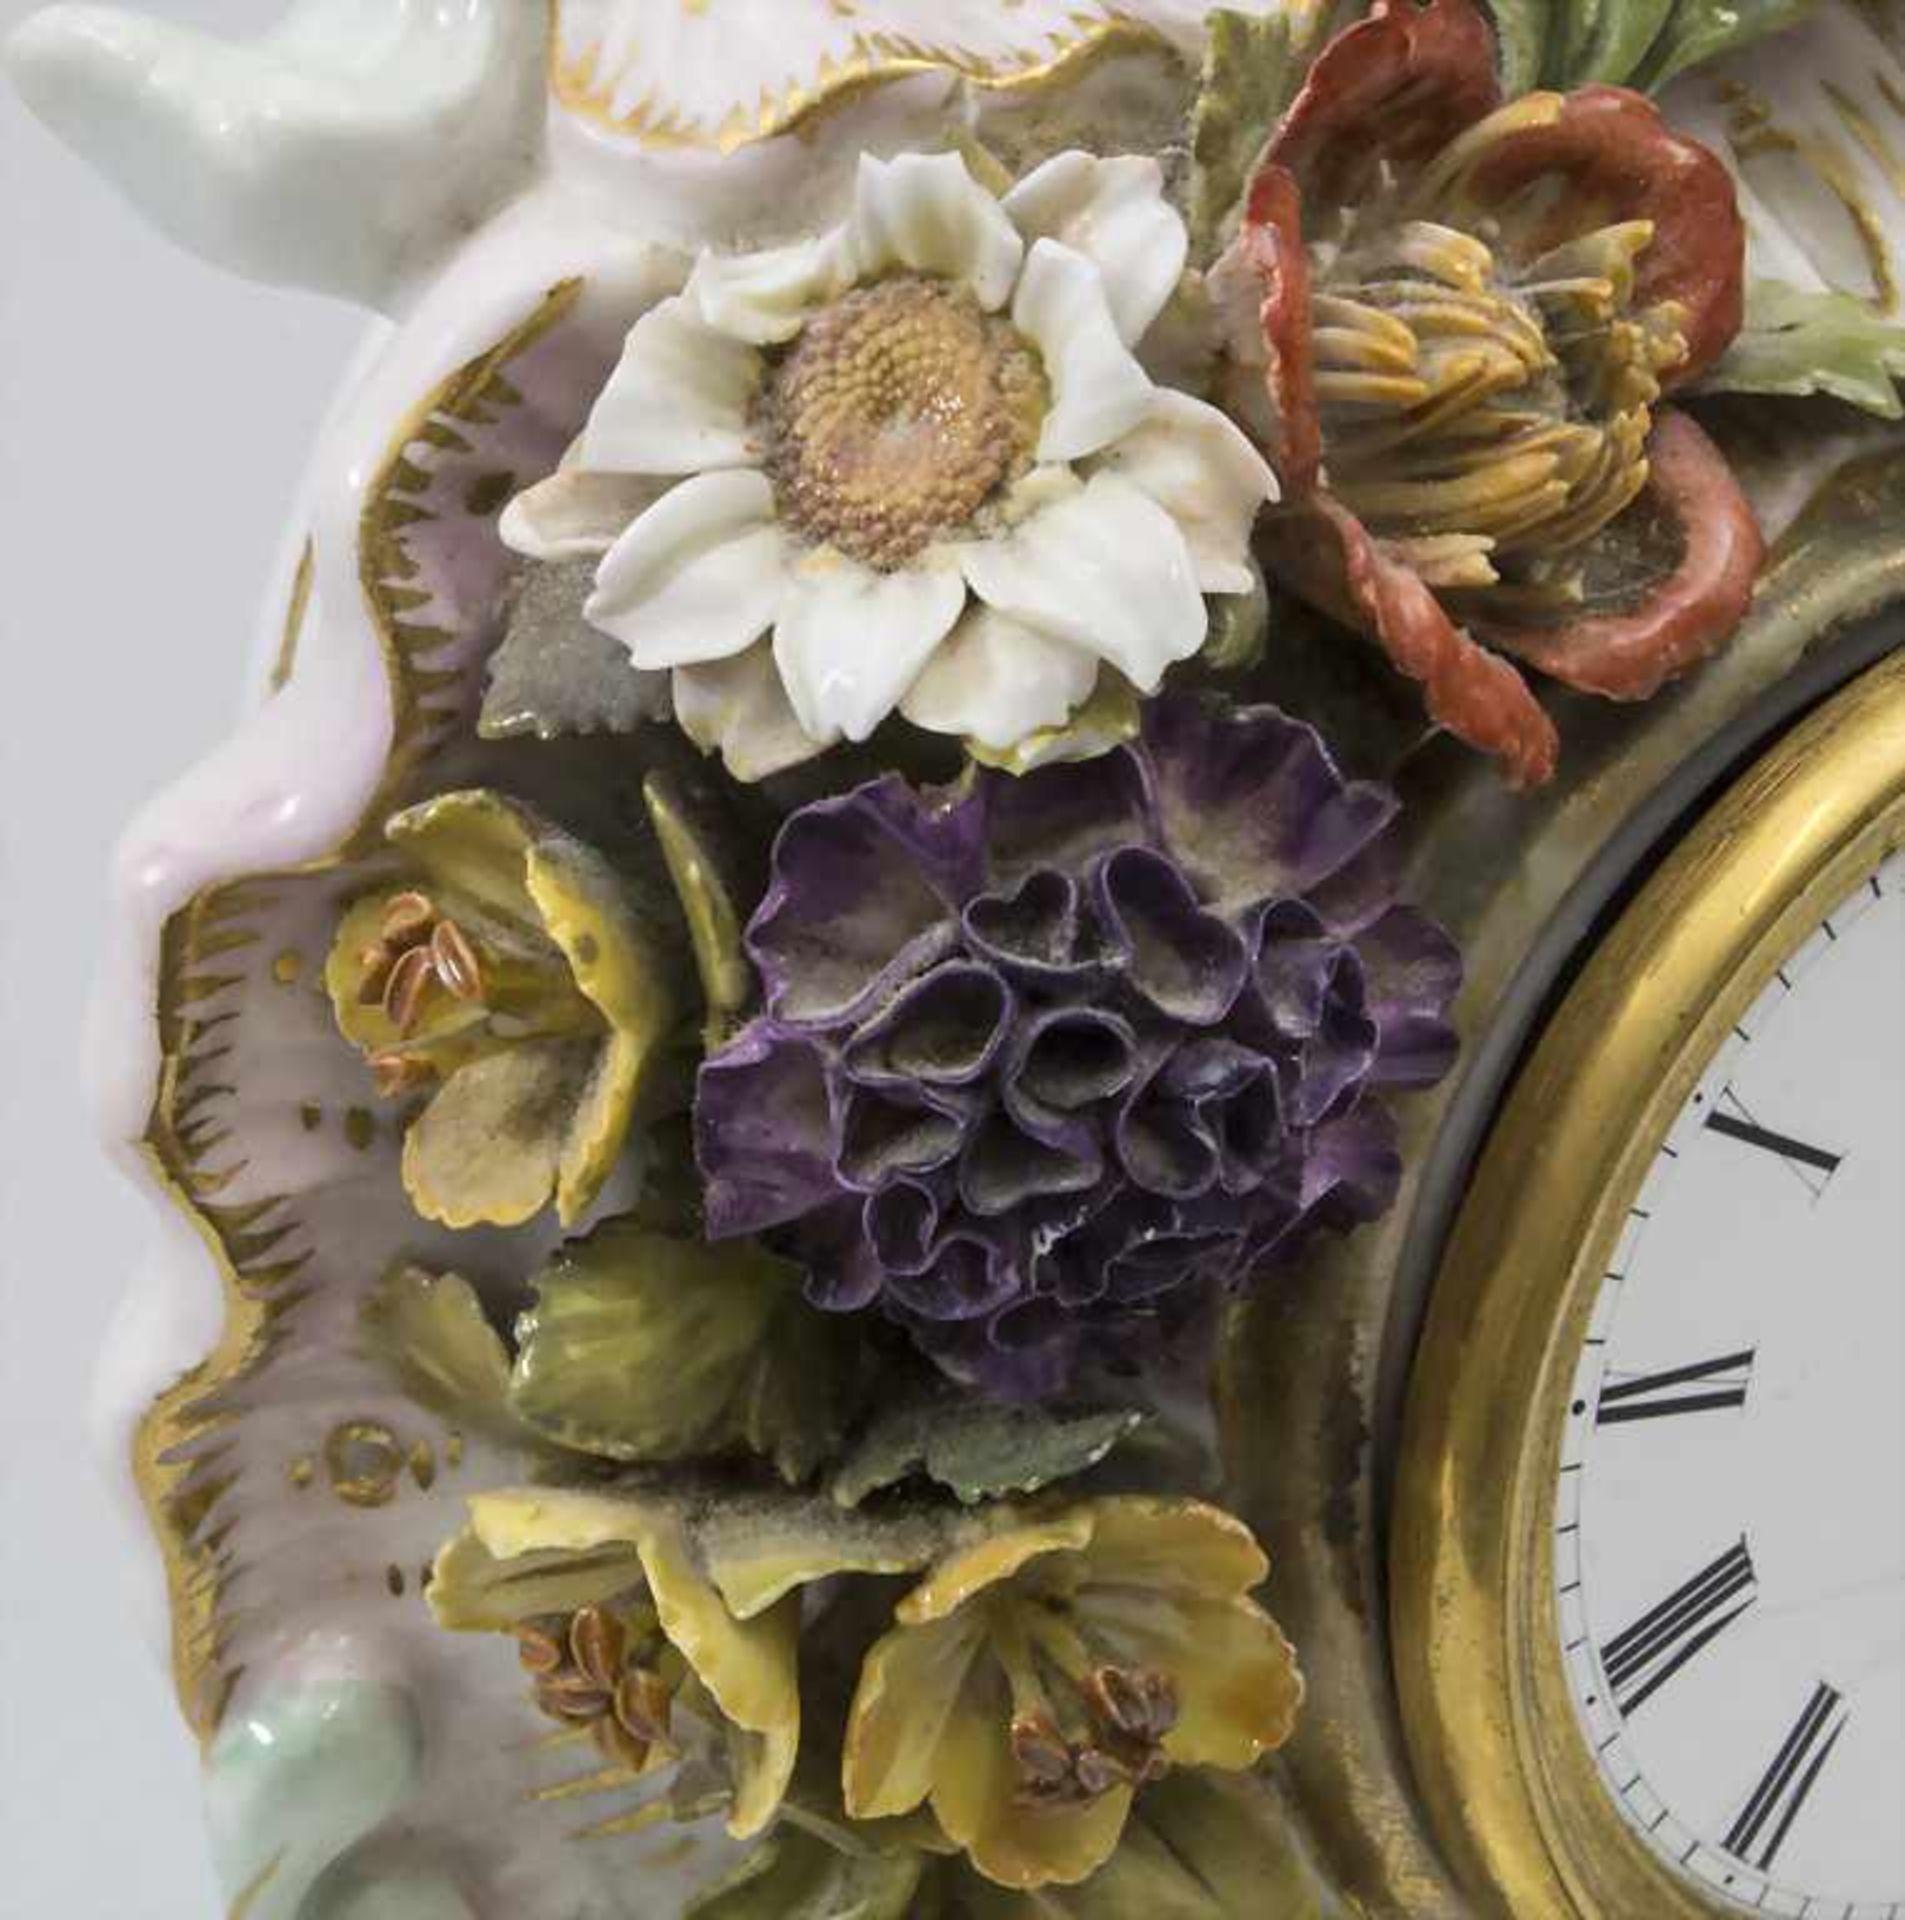 Seltene Tischuhr mit integriertem Schreibset / A rare porcelain table clock with integrated - Bild 12 aus 16